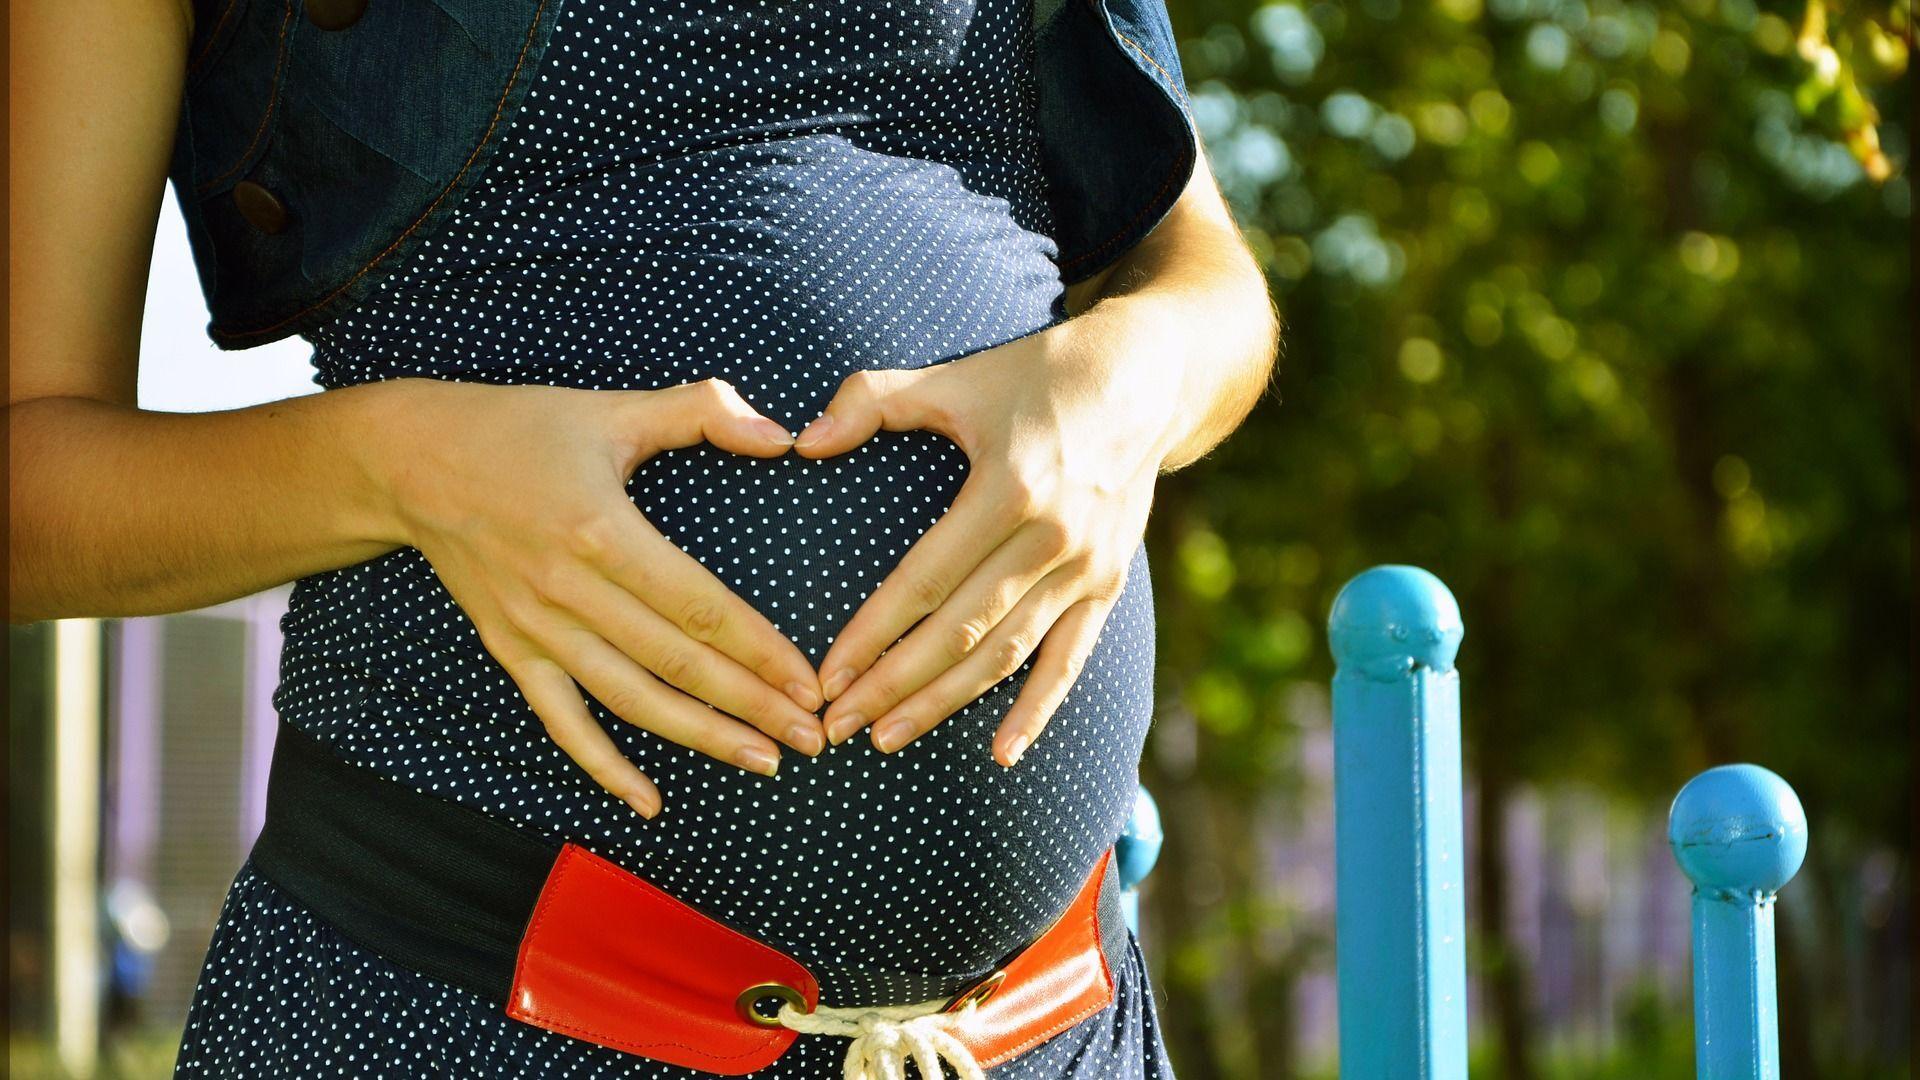 Una donna incinta - Sputnik Italia, 1920, 15.08.2021